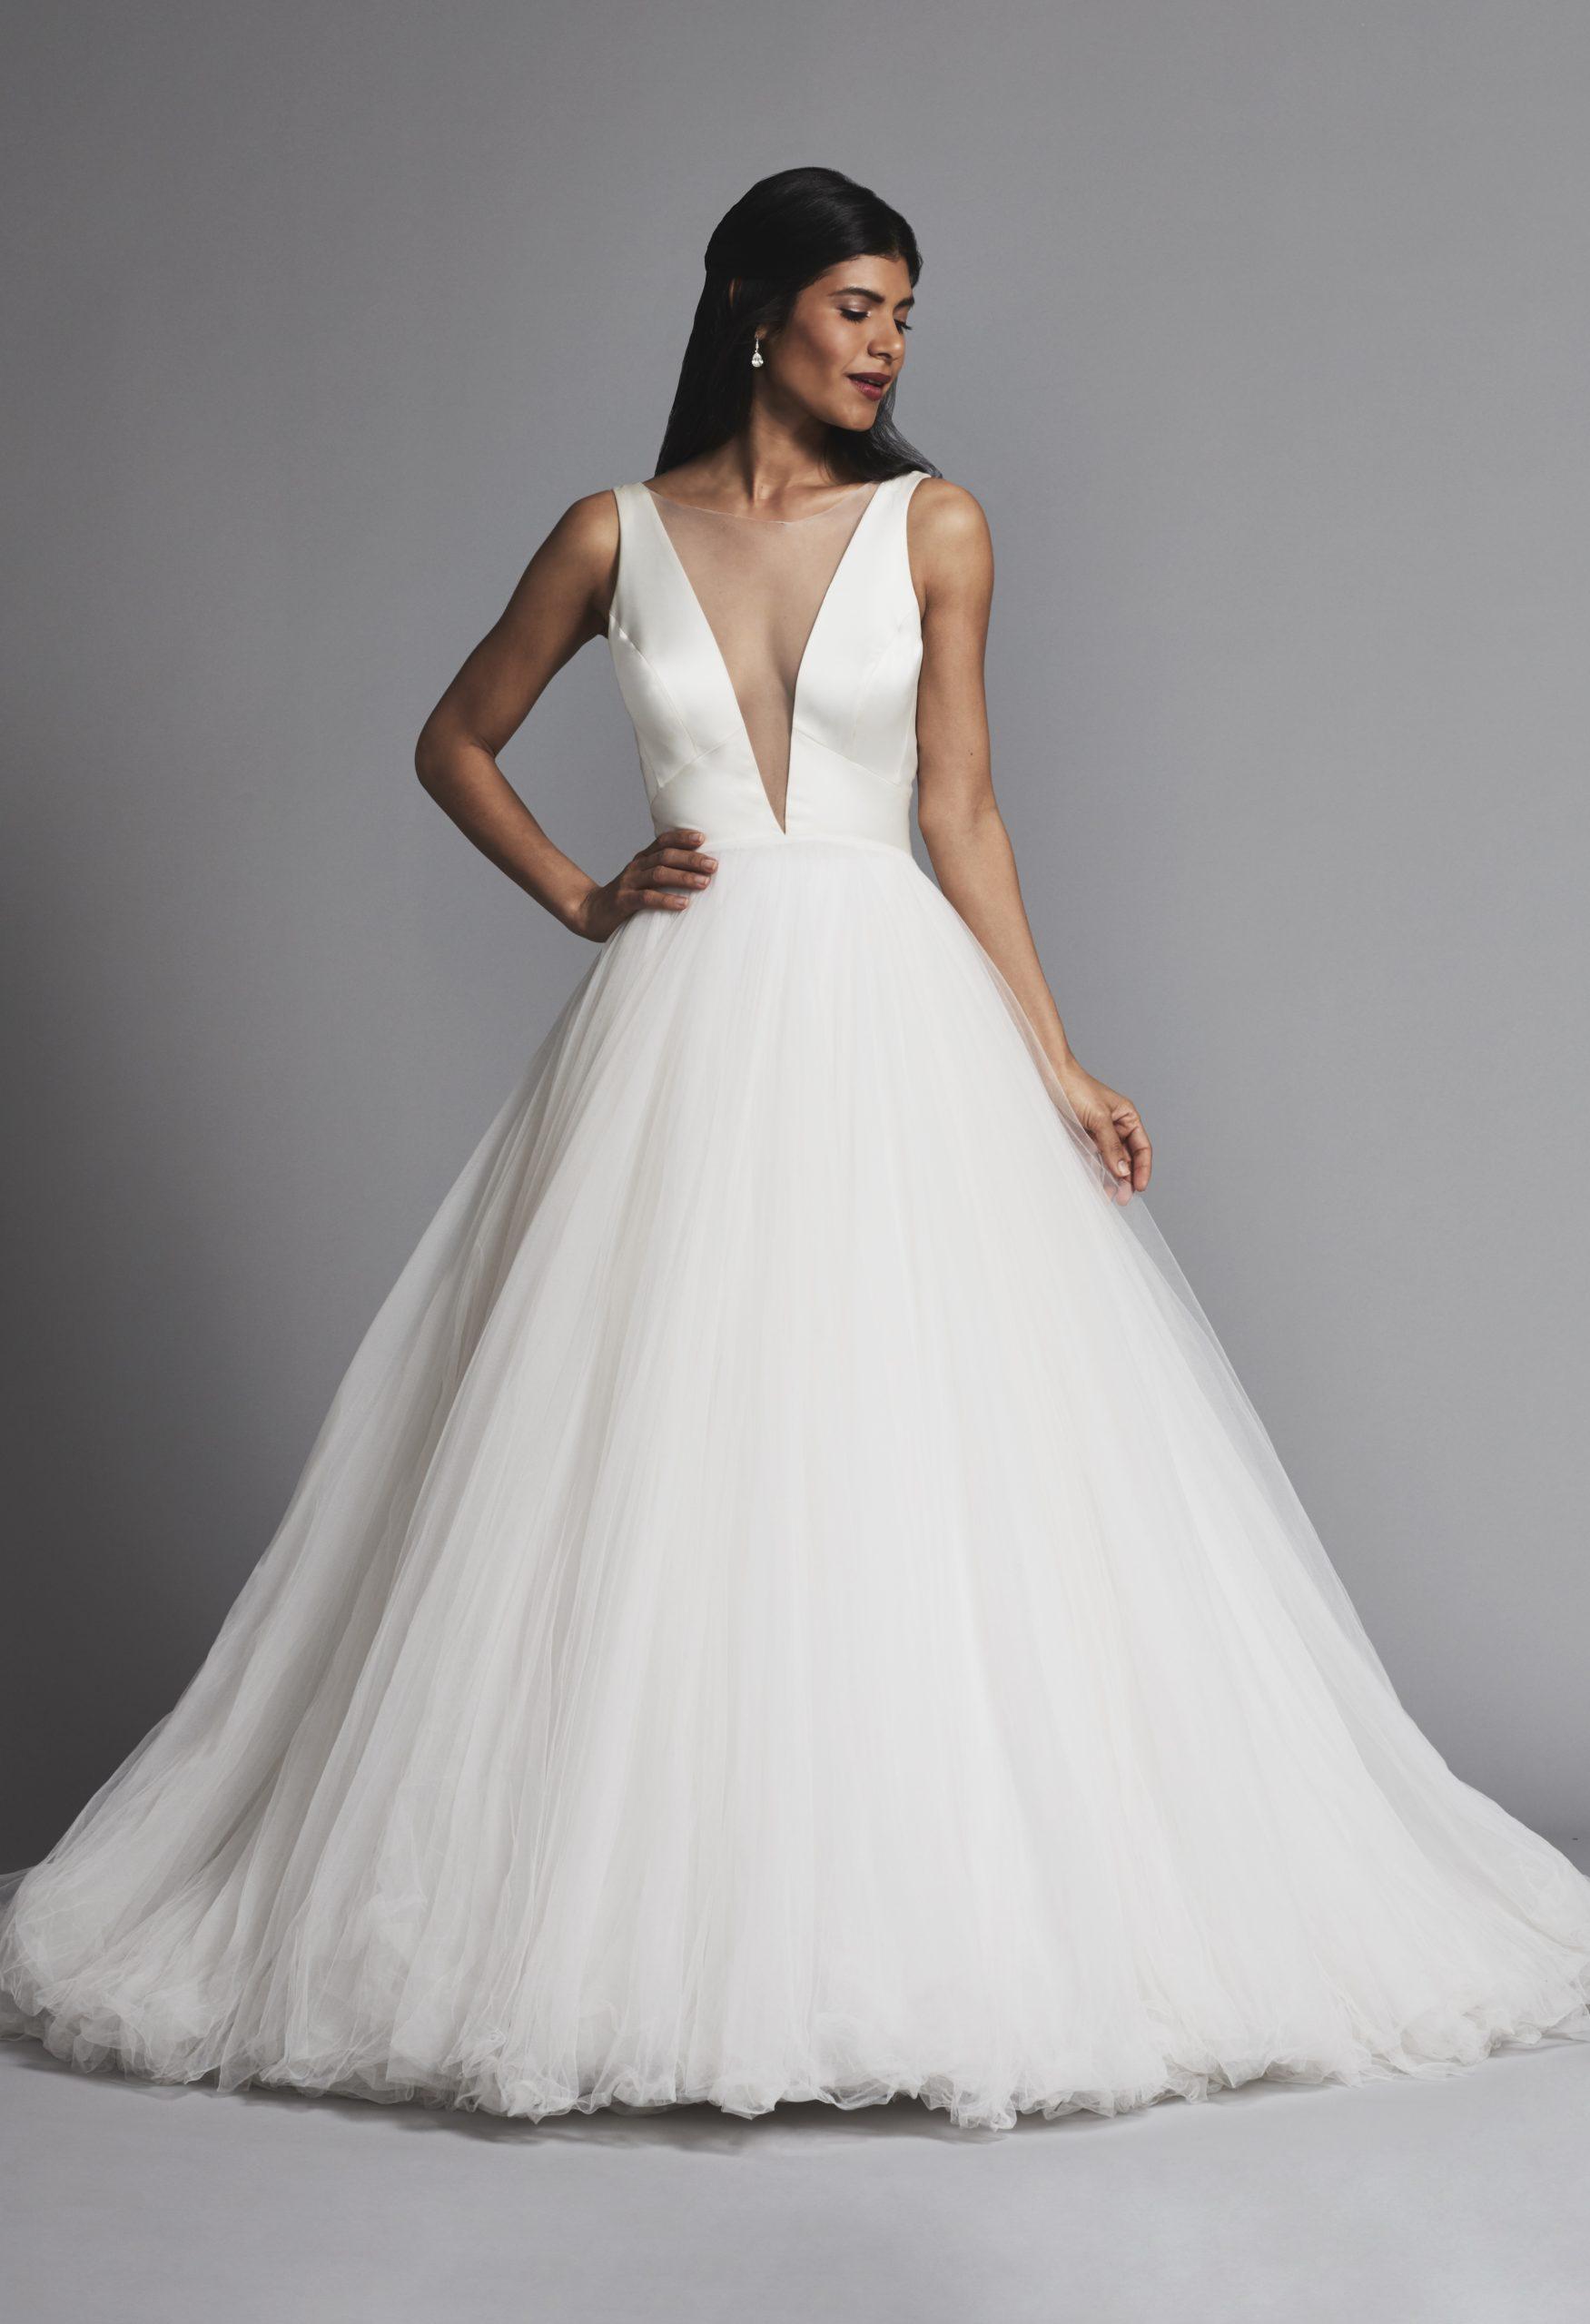 مرحبا مانغا الموافق Romantic Ball Gown Wedding Dress Skazka Devonrex Com